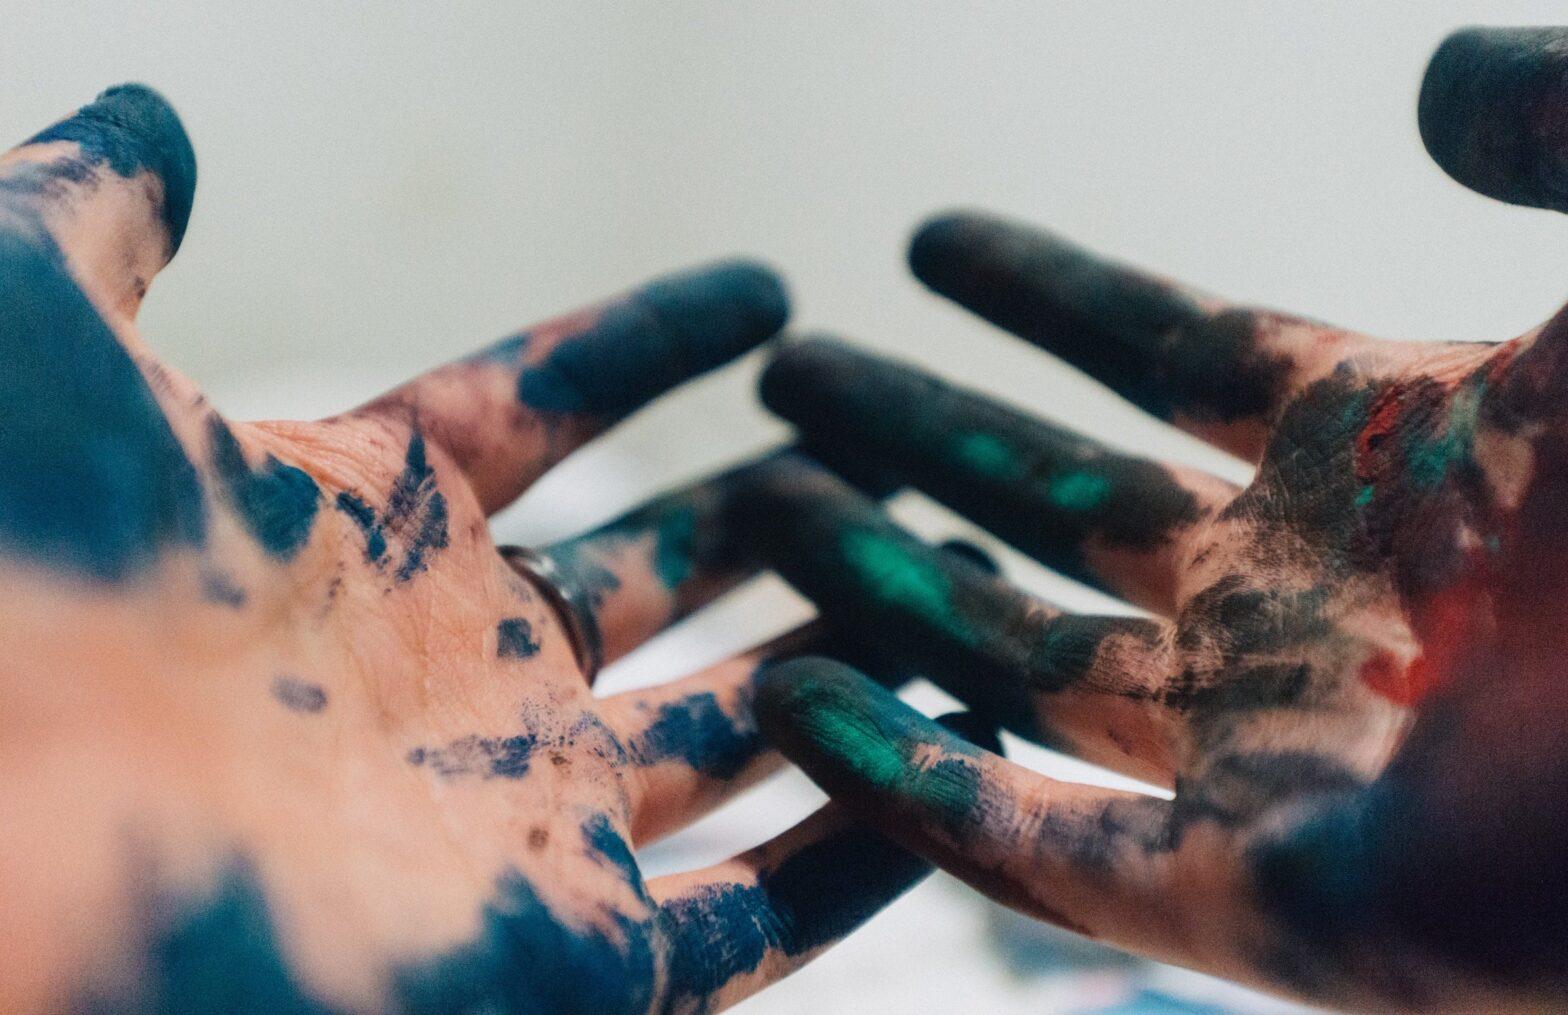 Kunstner-hænder - abstrakte malerier til salg